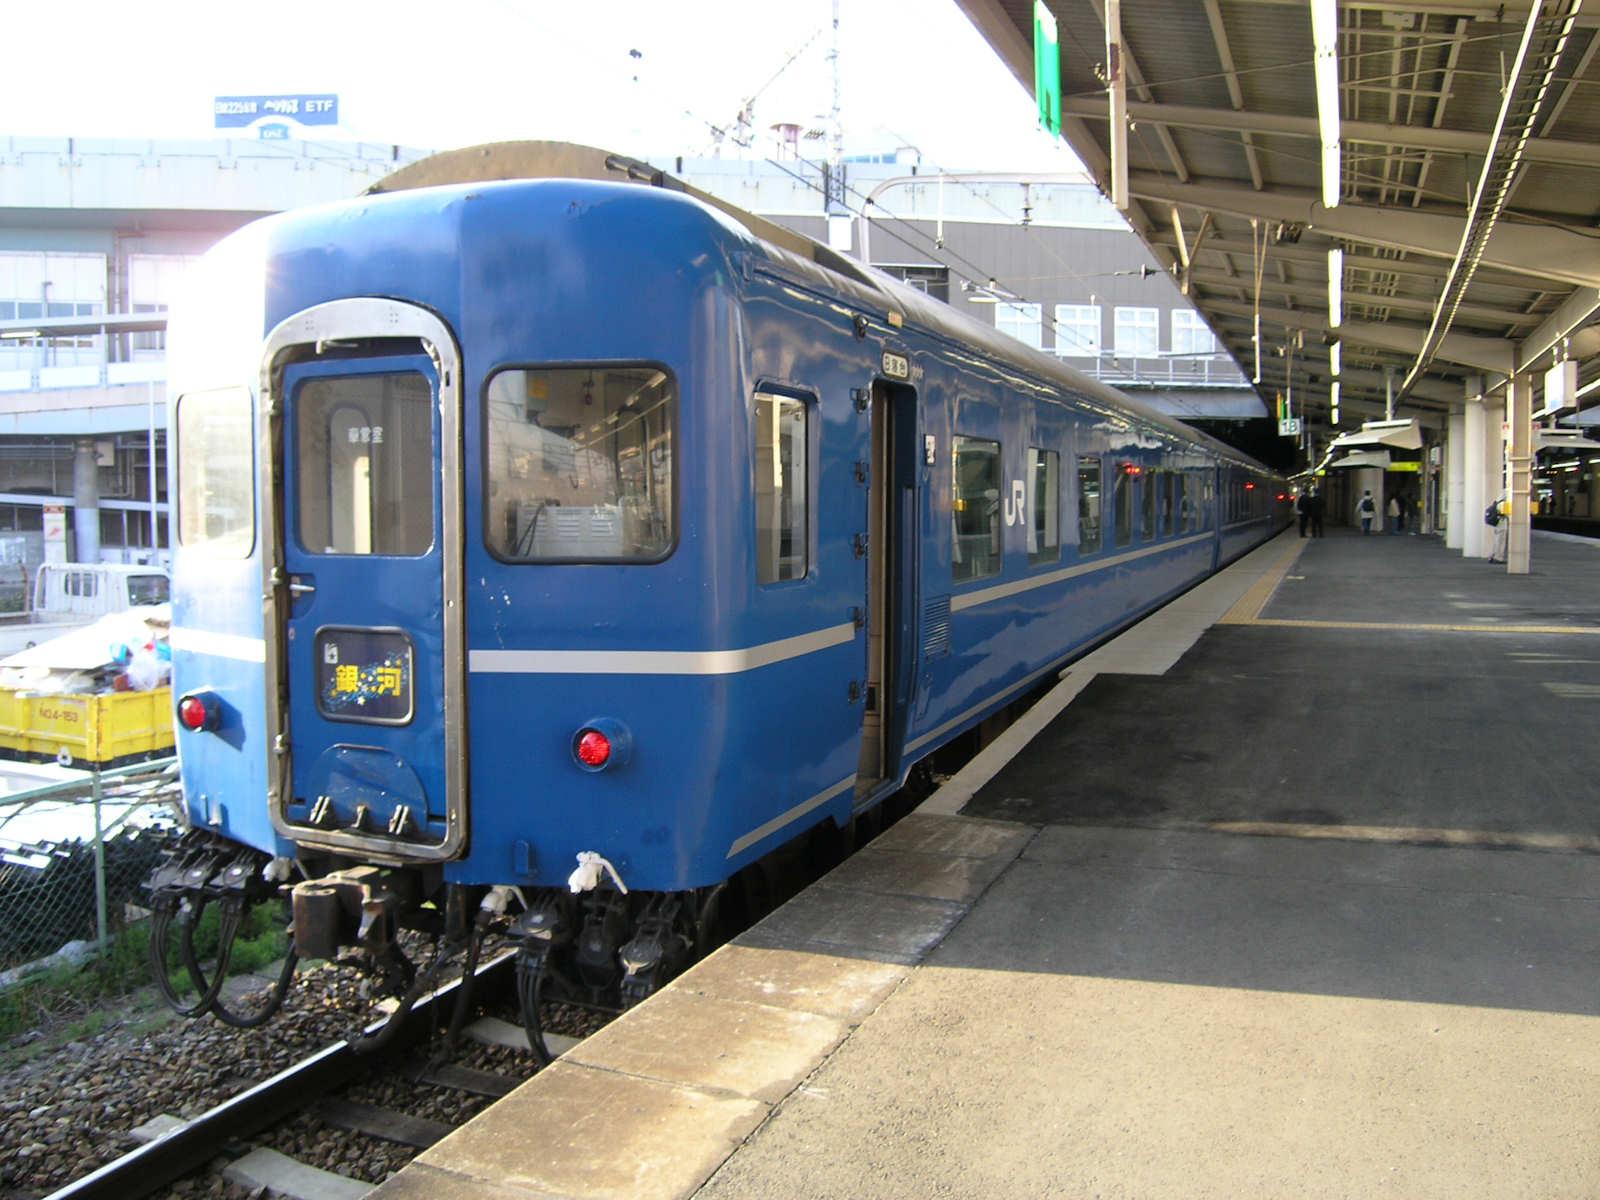 新大阪駅に到着し大阪駅を目指す寝台急行銀河号(JPG-218k)